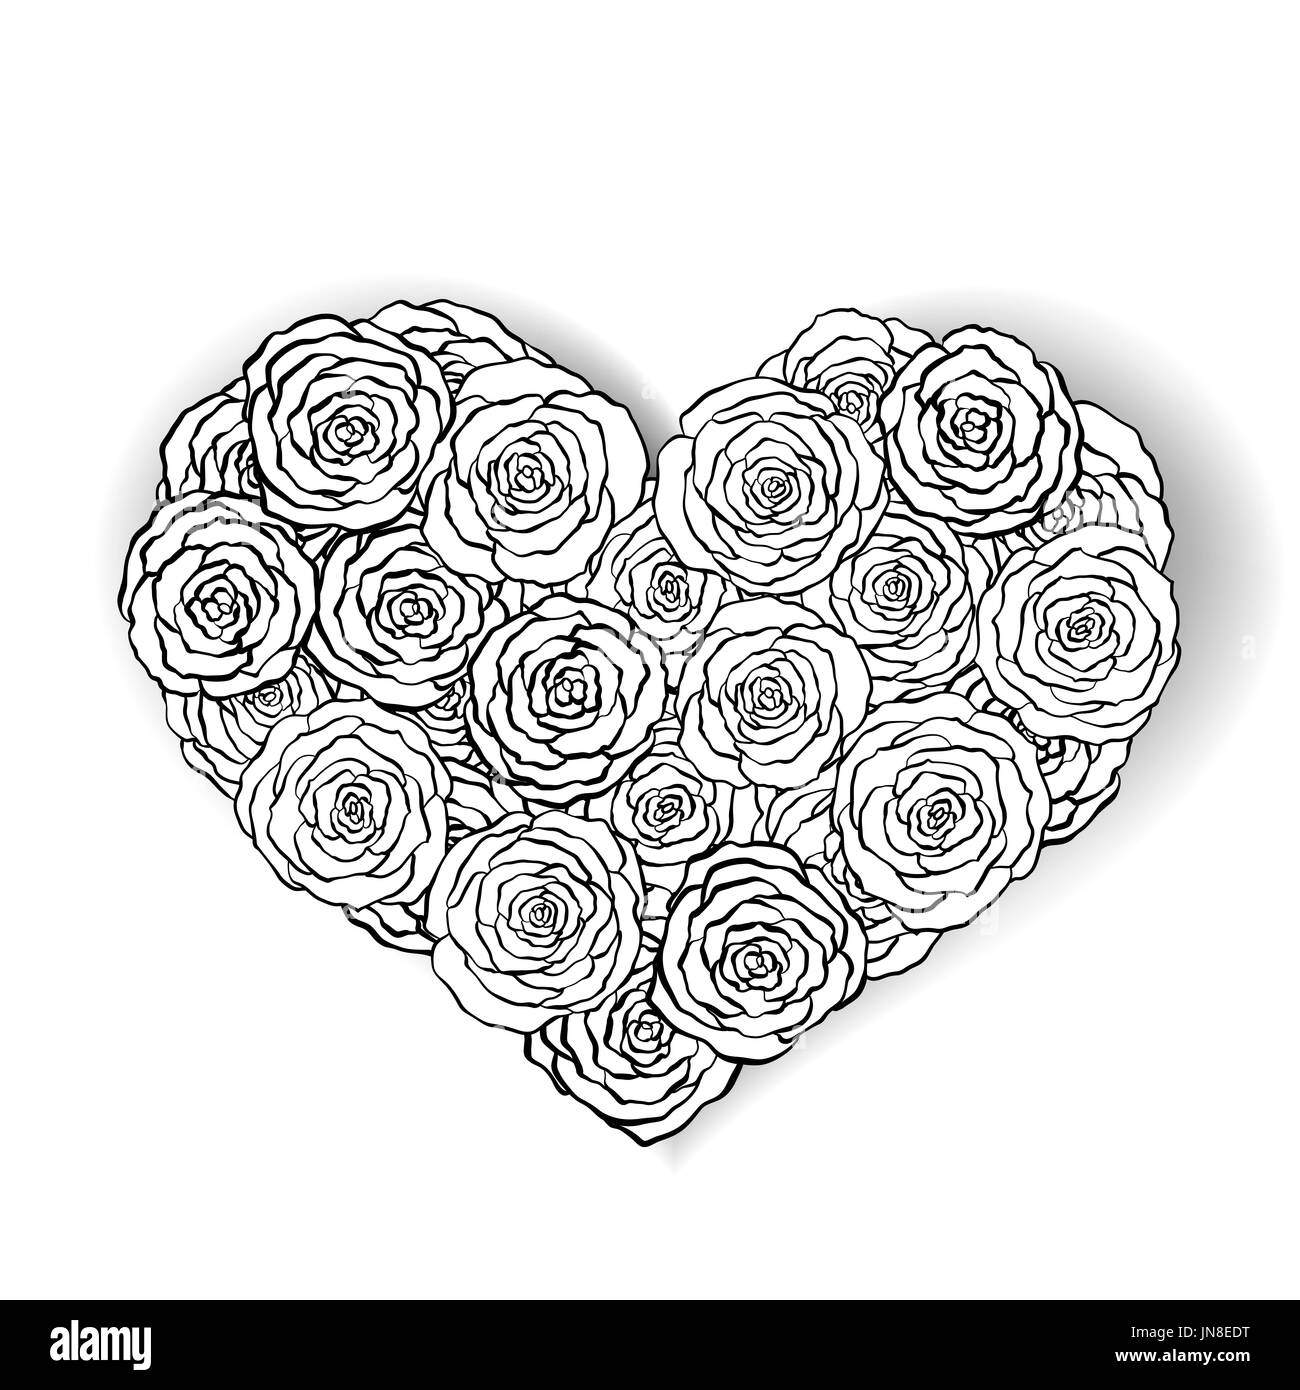 La Línea Rosa Ilustración Con Forma De Corazón Ideal Para